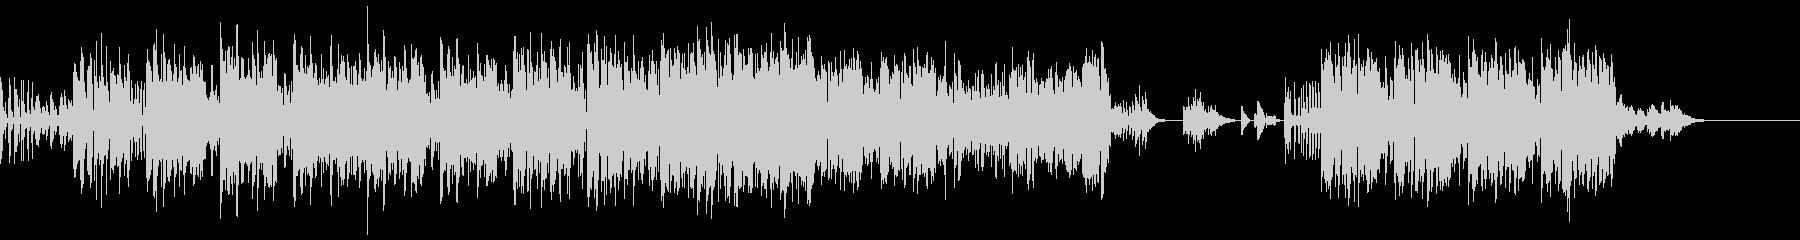 ボイパ主体のアップテンポな曲の未再生の波形